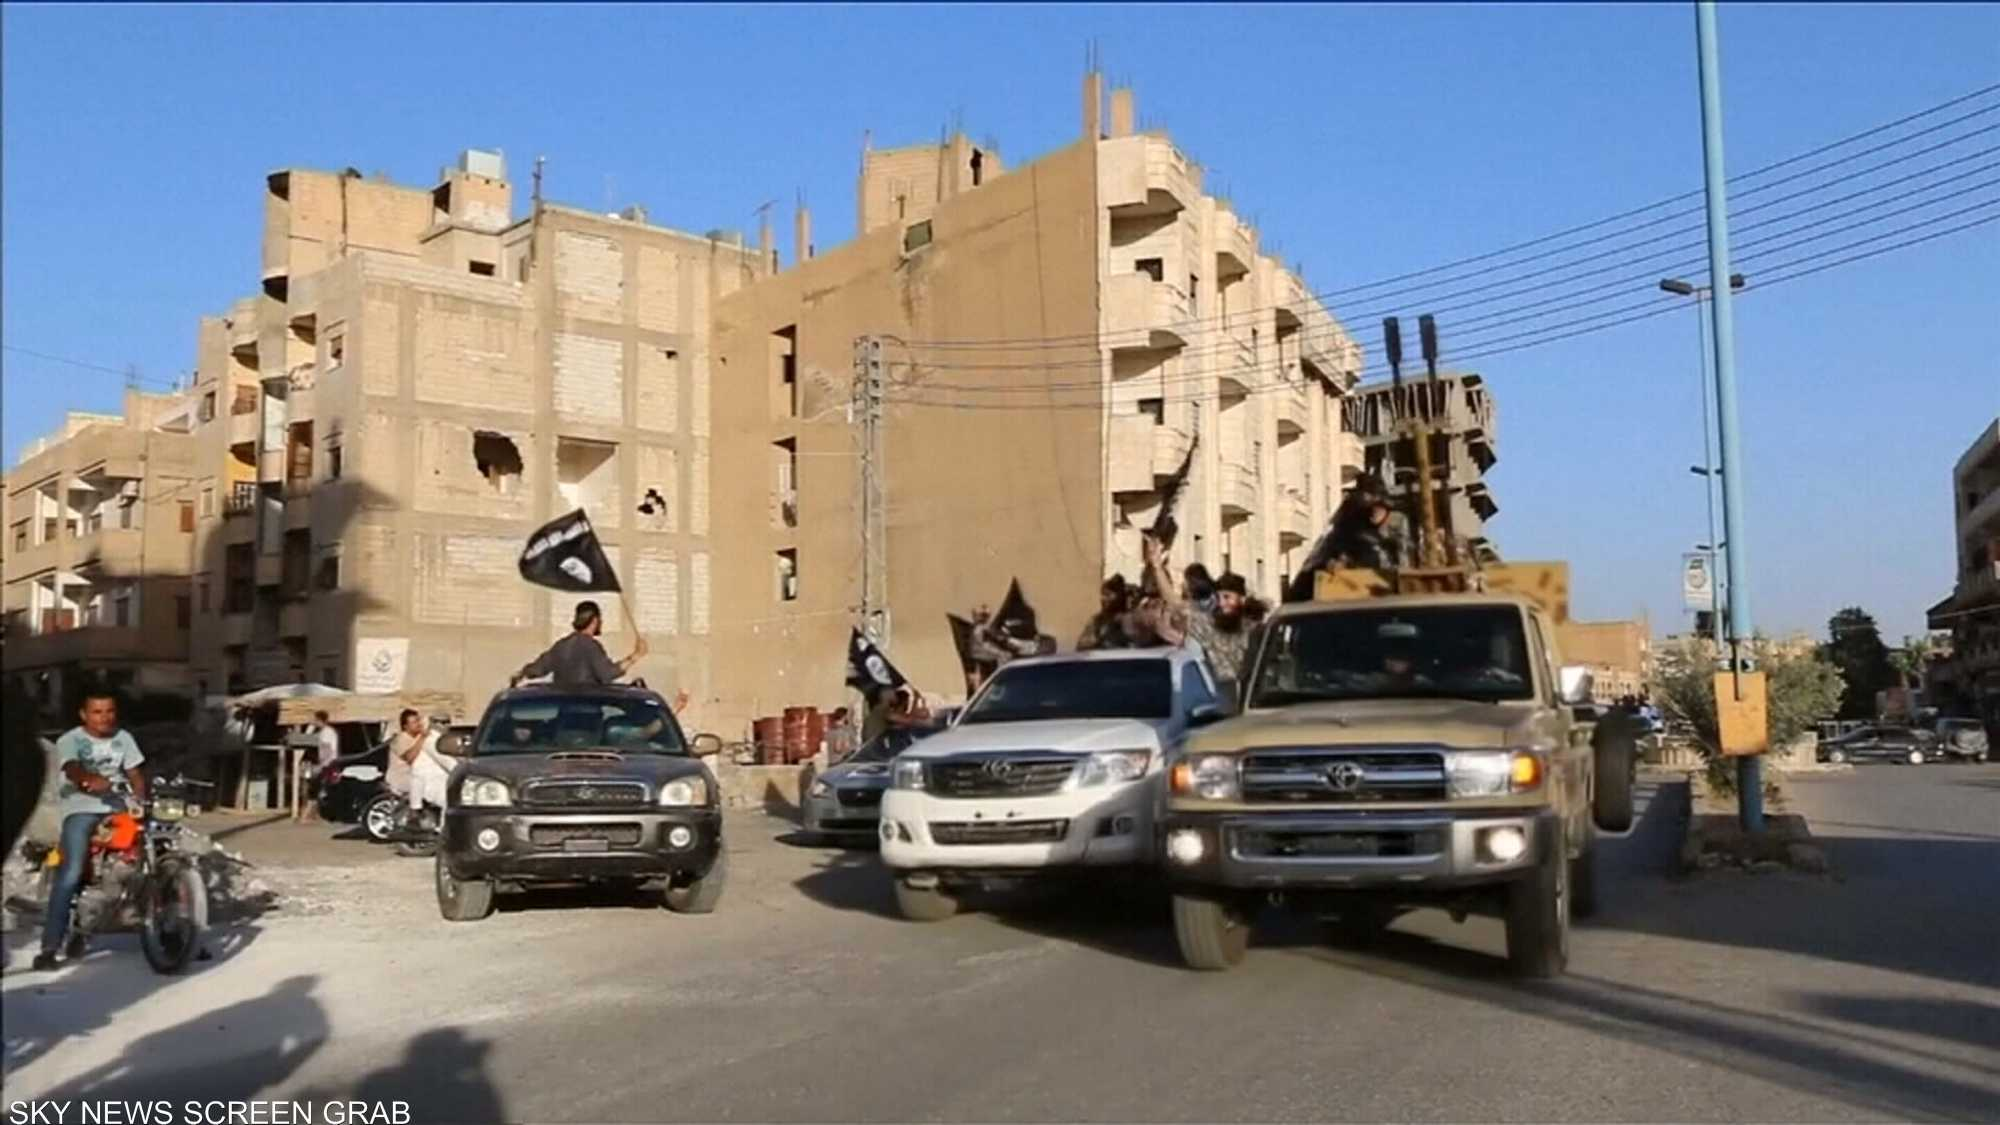 تقرير أميركي يؤكد استعادة تنظيم داعش نشاطه في سوريا والعراق